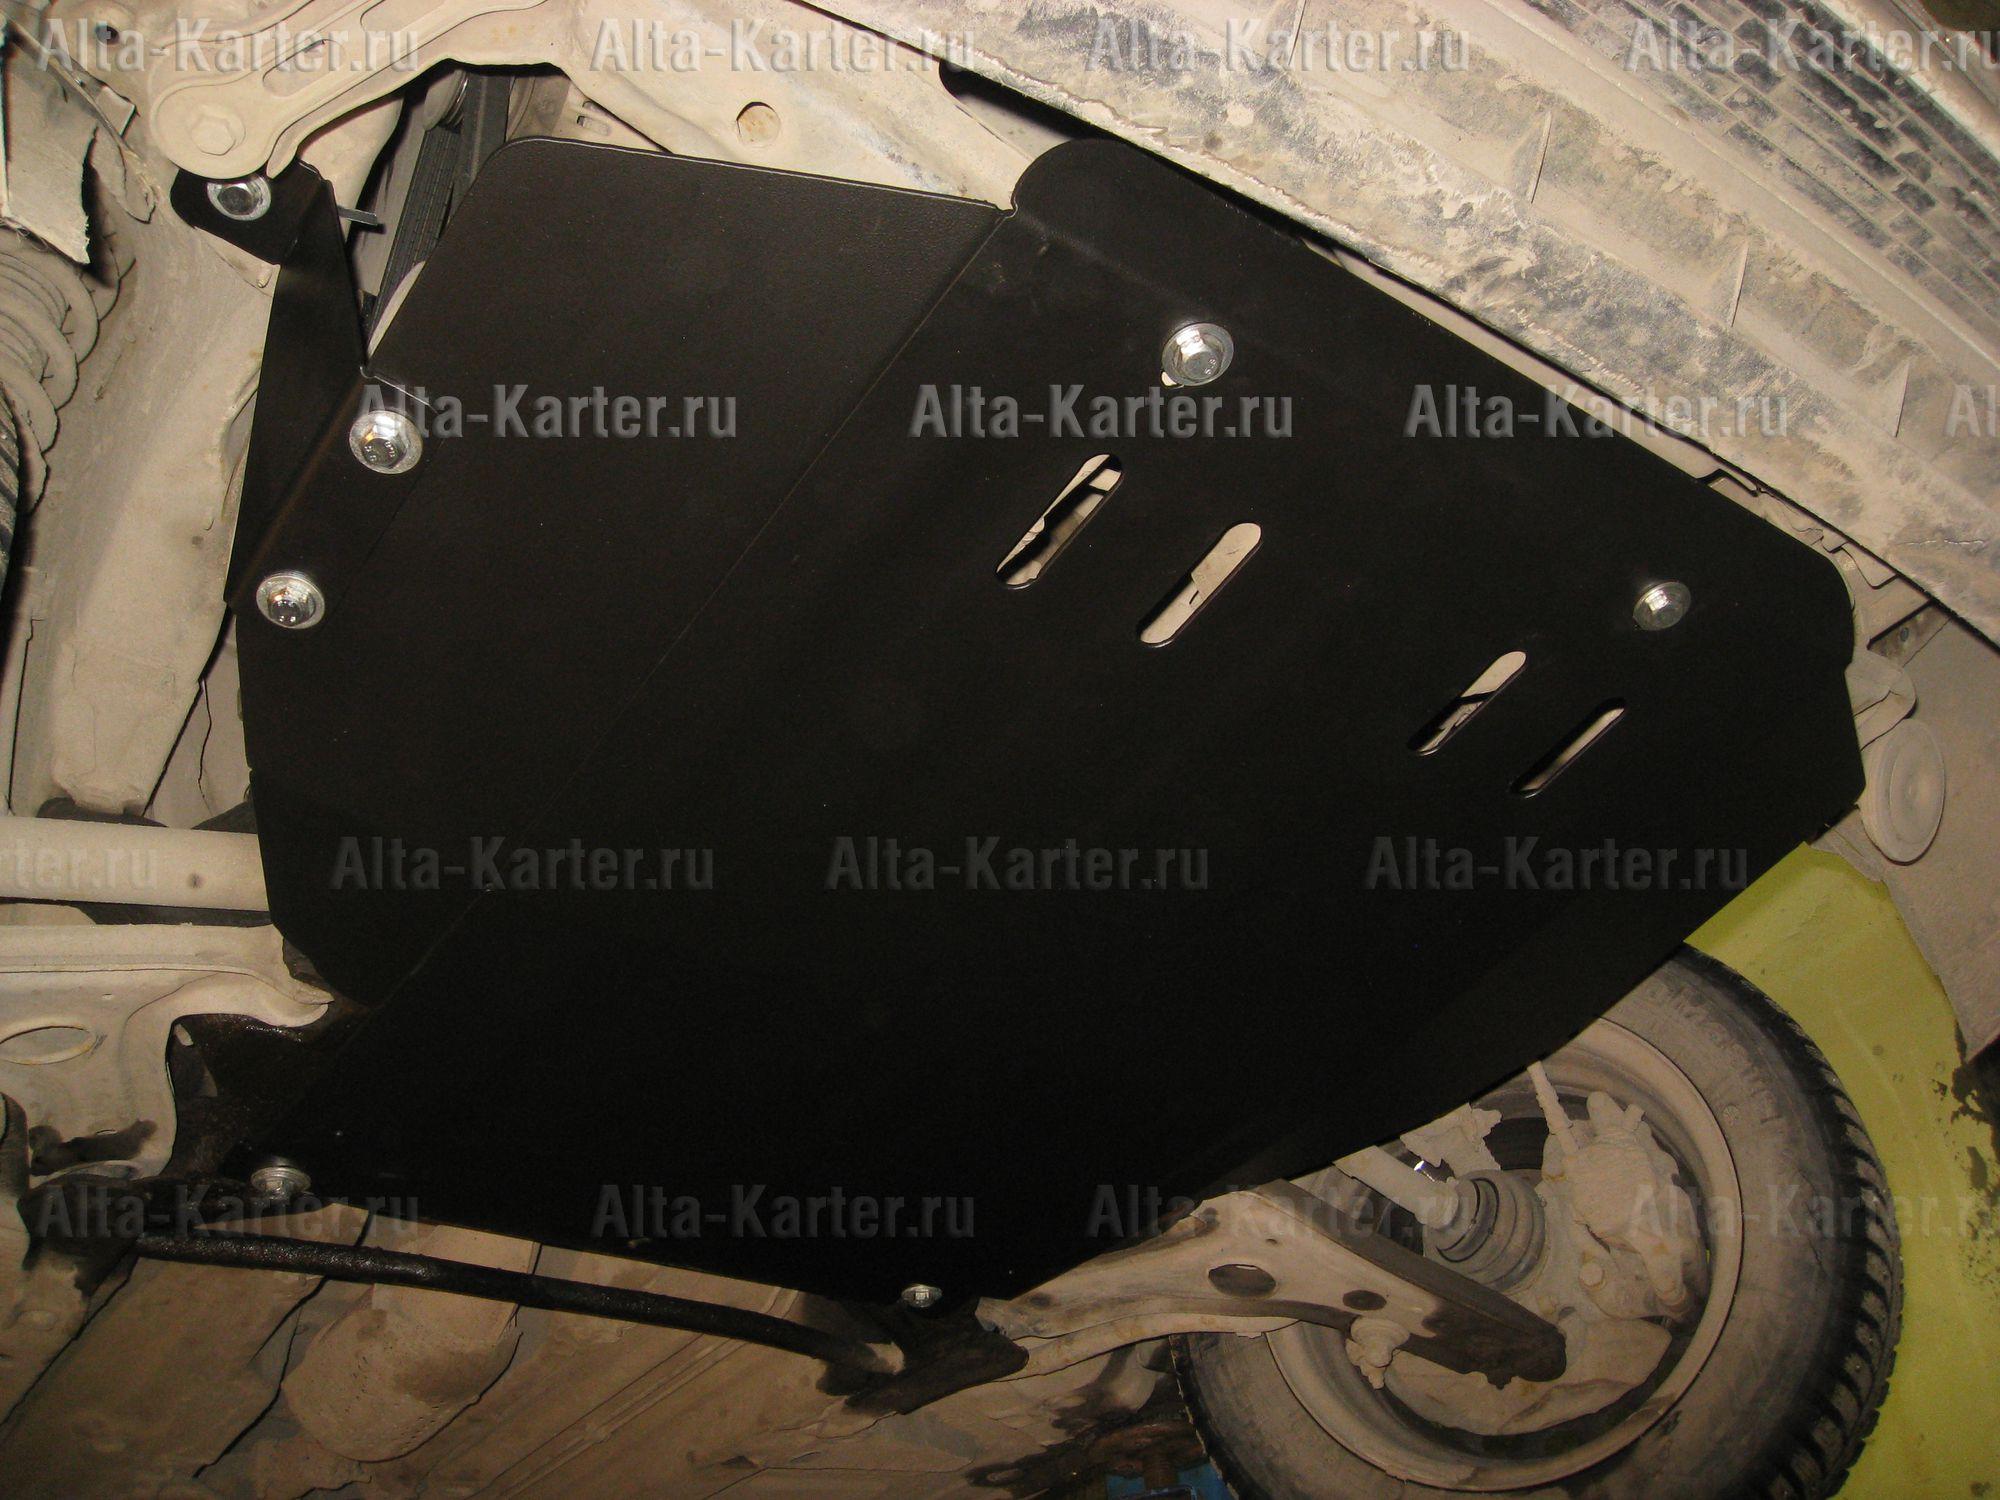 Защита Alfeco для картера и МКПП Volkswagen Vento 1991-1998. Артикул ALF.26.25